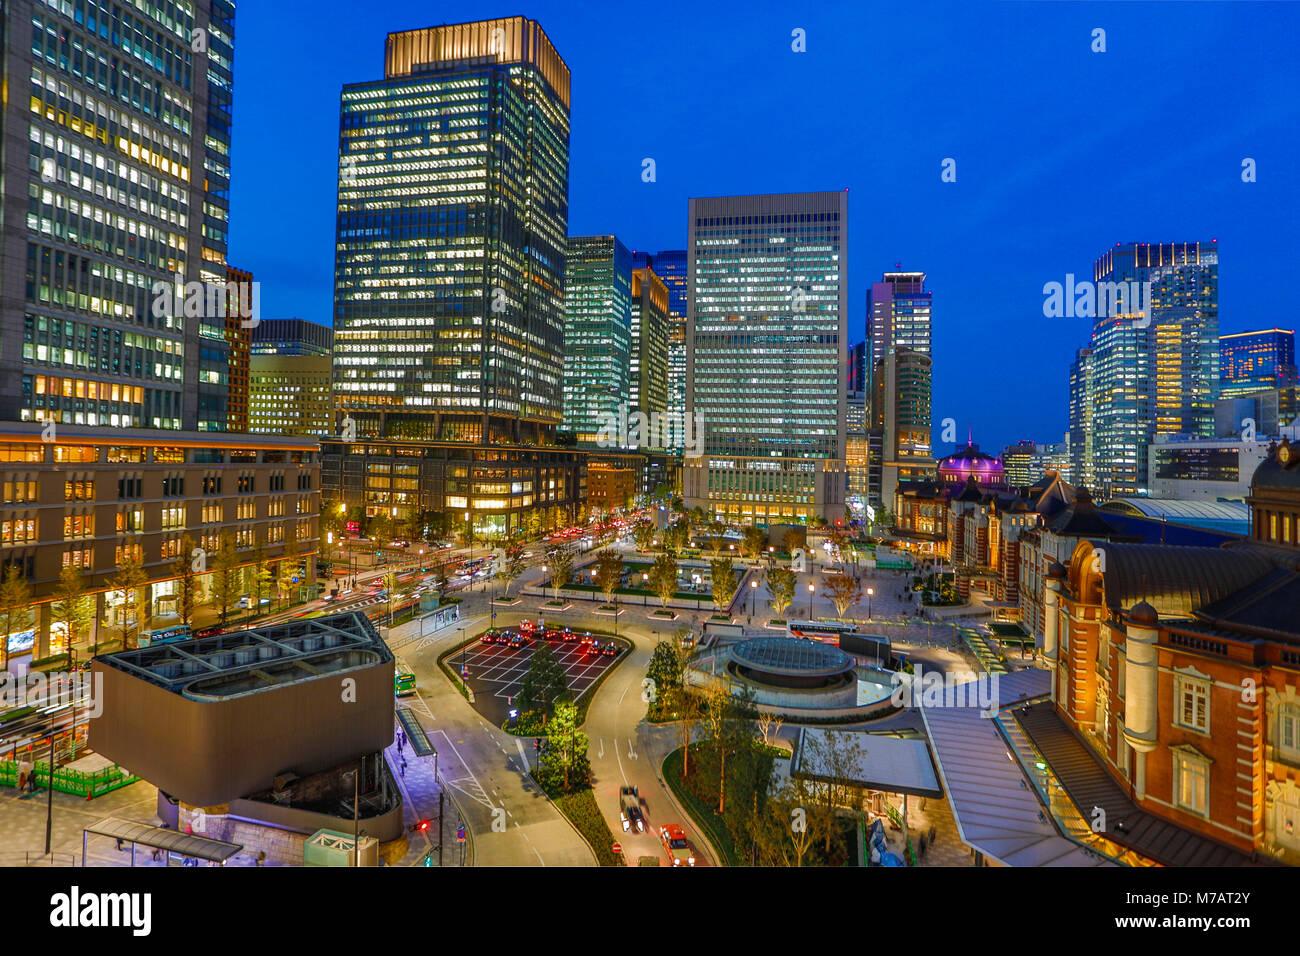 Le Japon, la ville de Tokyo, la gare de Tokyo, côté ouest Photo Stock